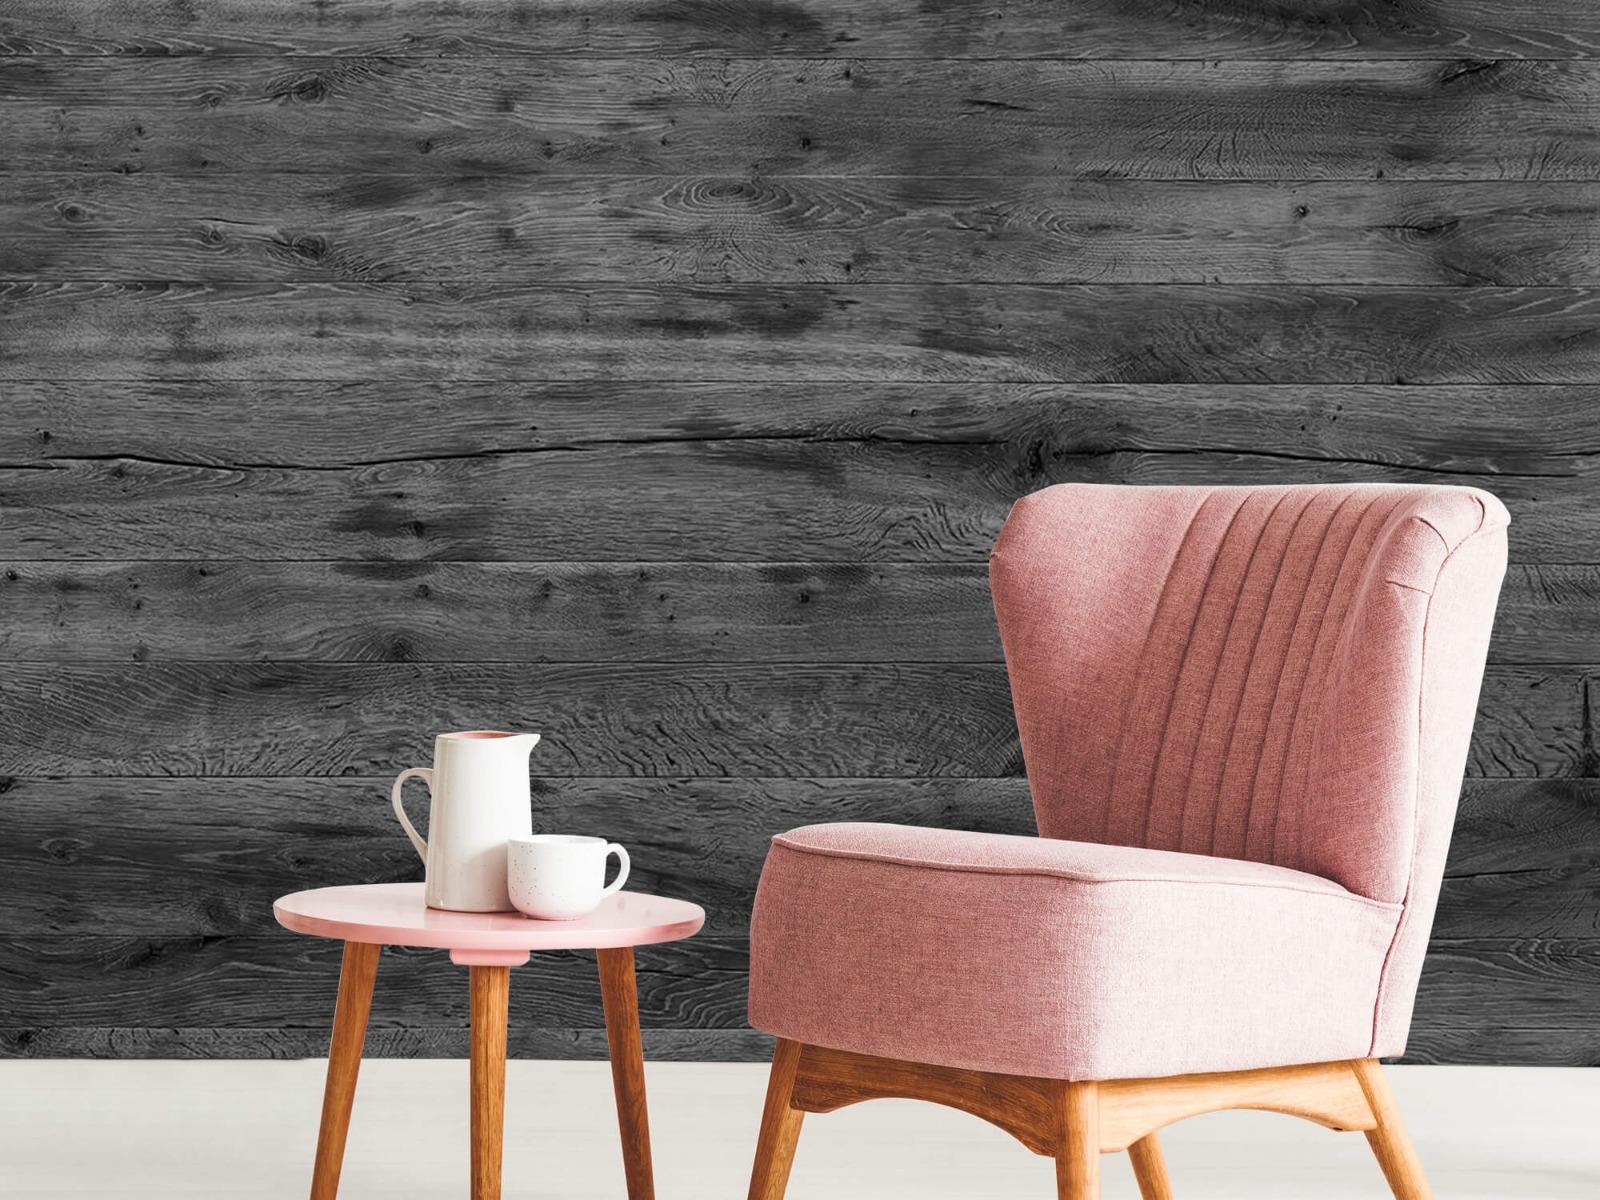 Hout behang - Grijze houten planken - Directie 10